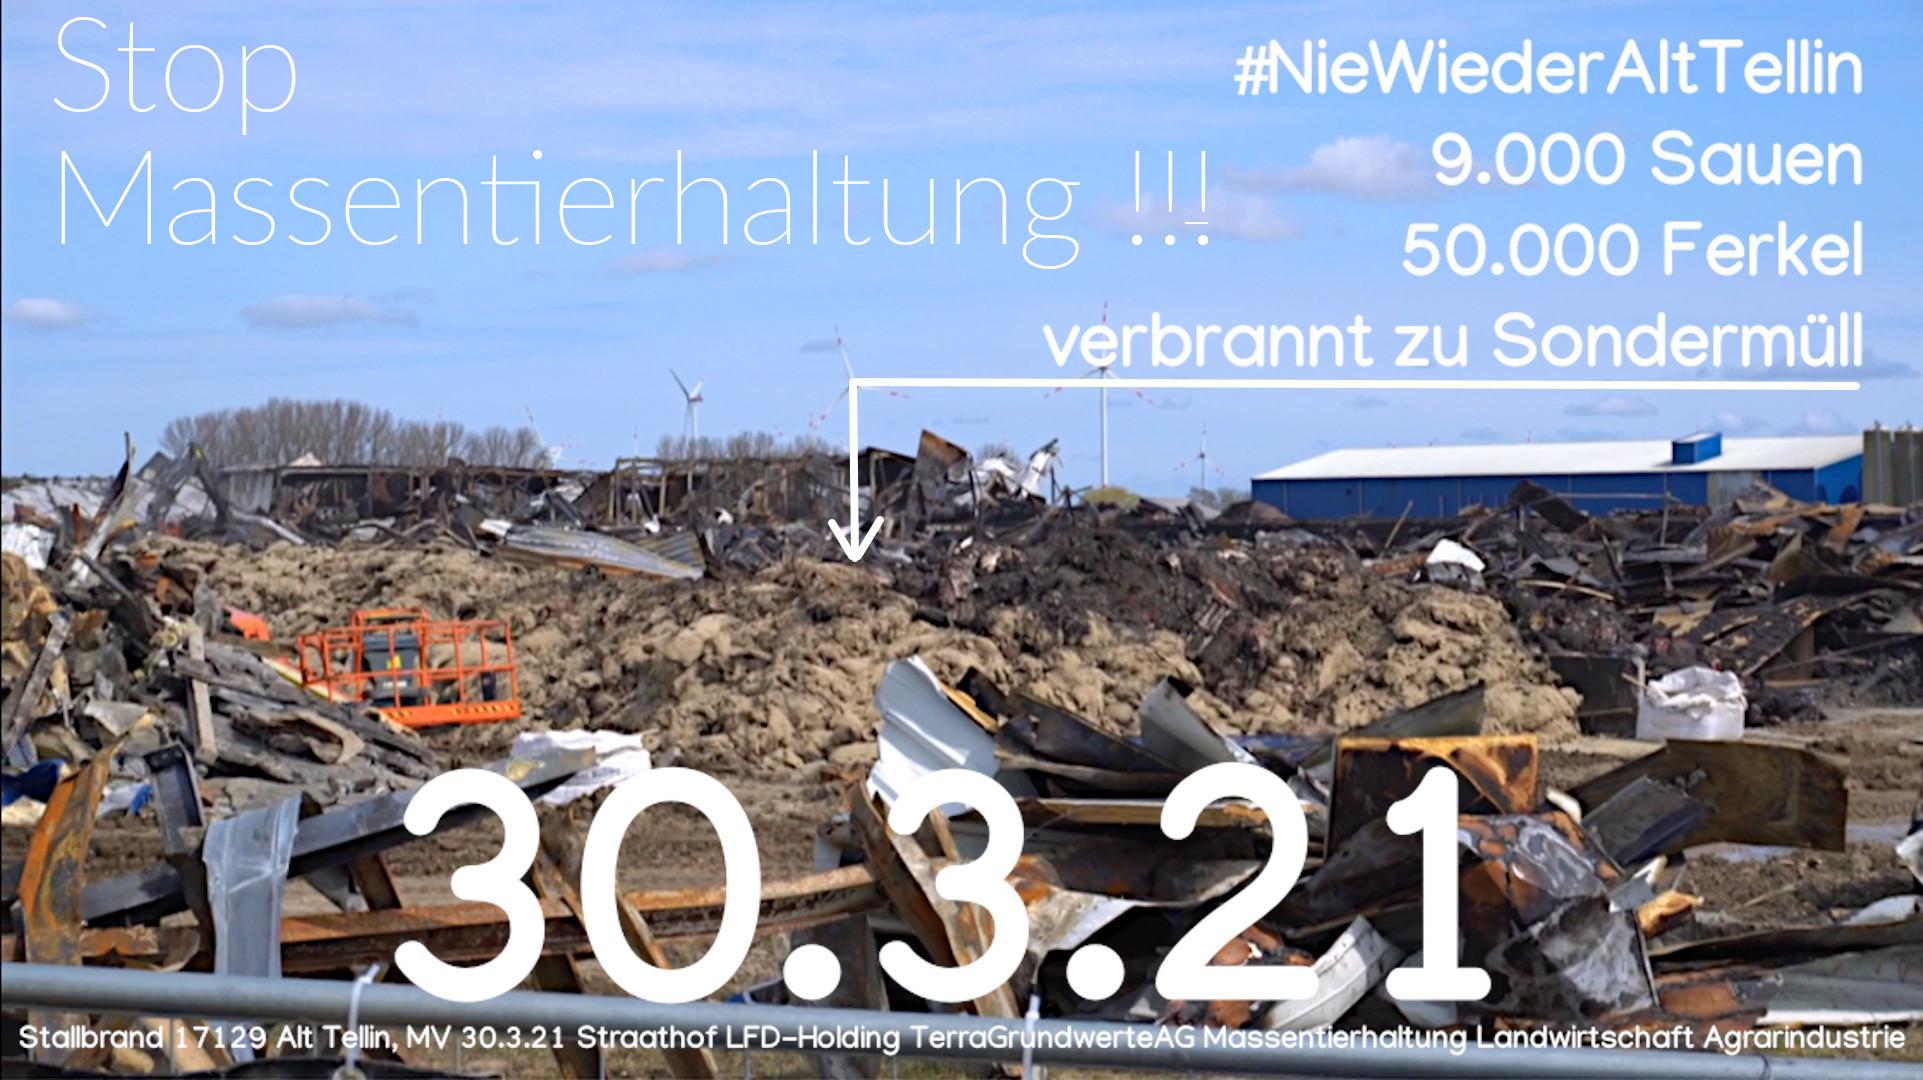 59.000 Schweine verbrannt - schuld ist die Politik von SPD und CDU